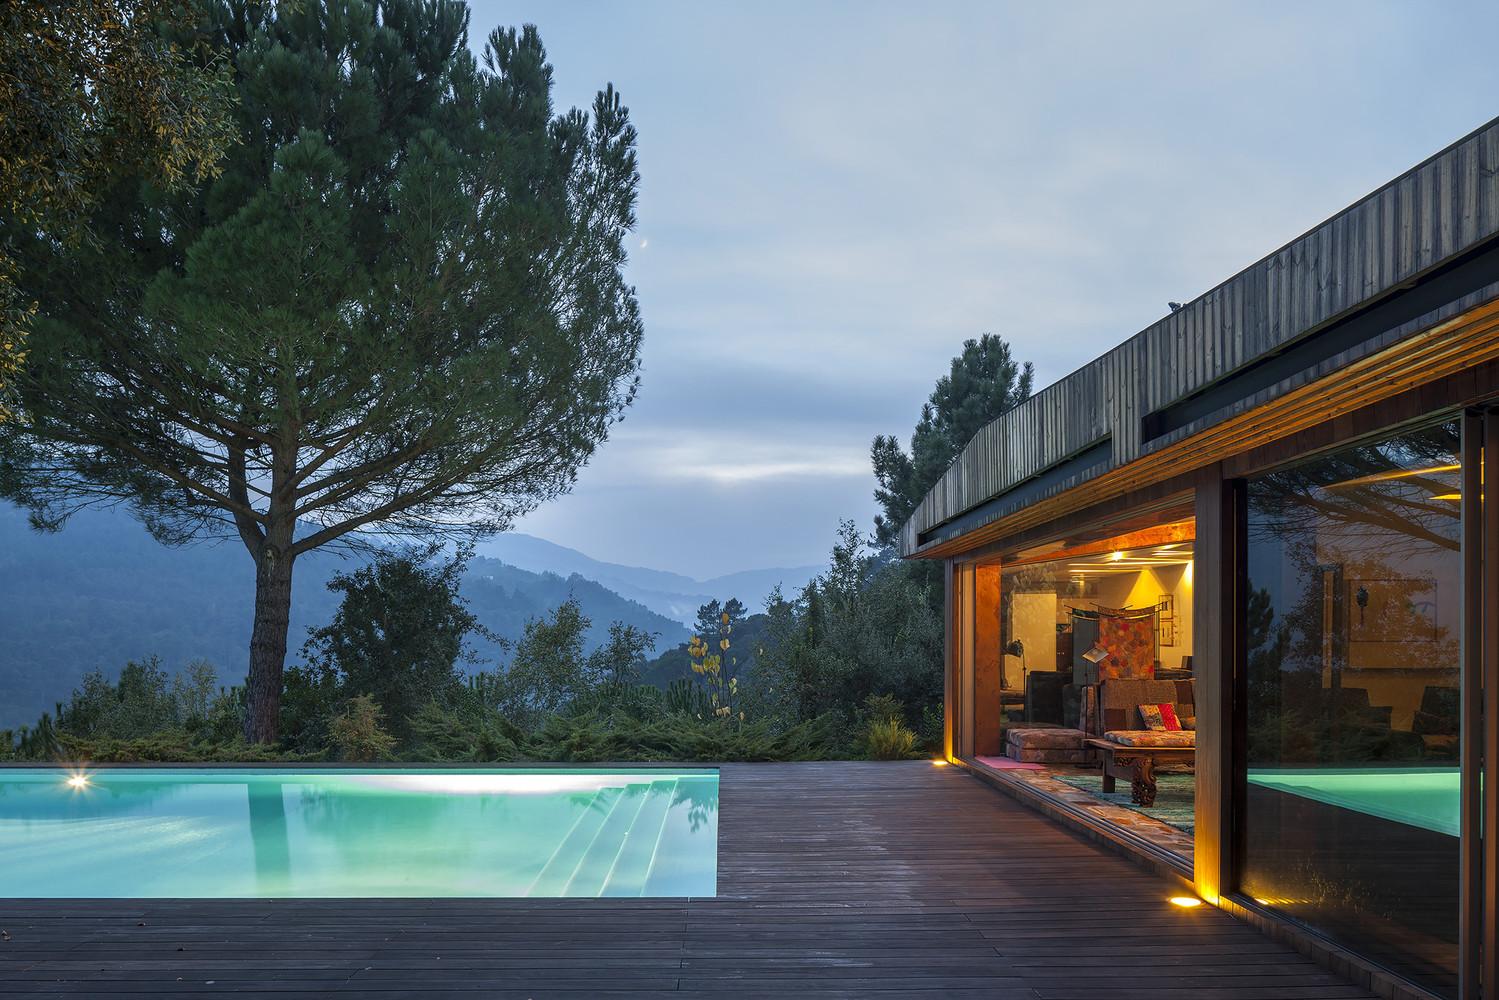 Casa Vale do douro - mjarc arquitectos waf